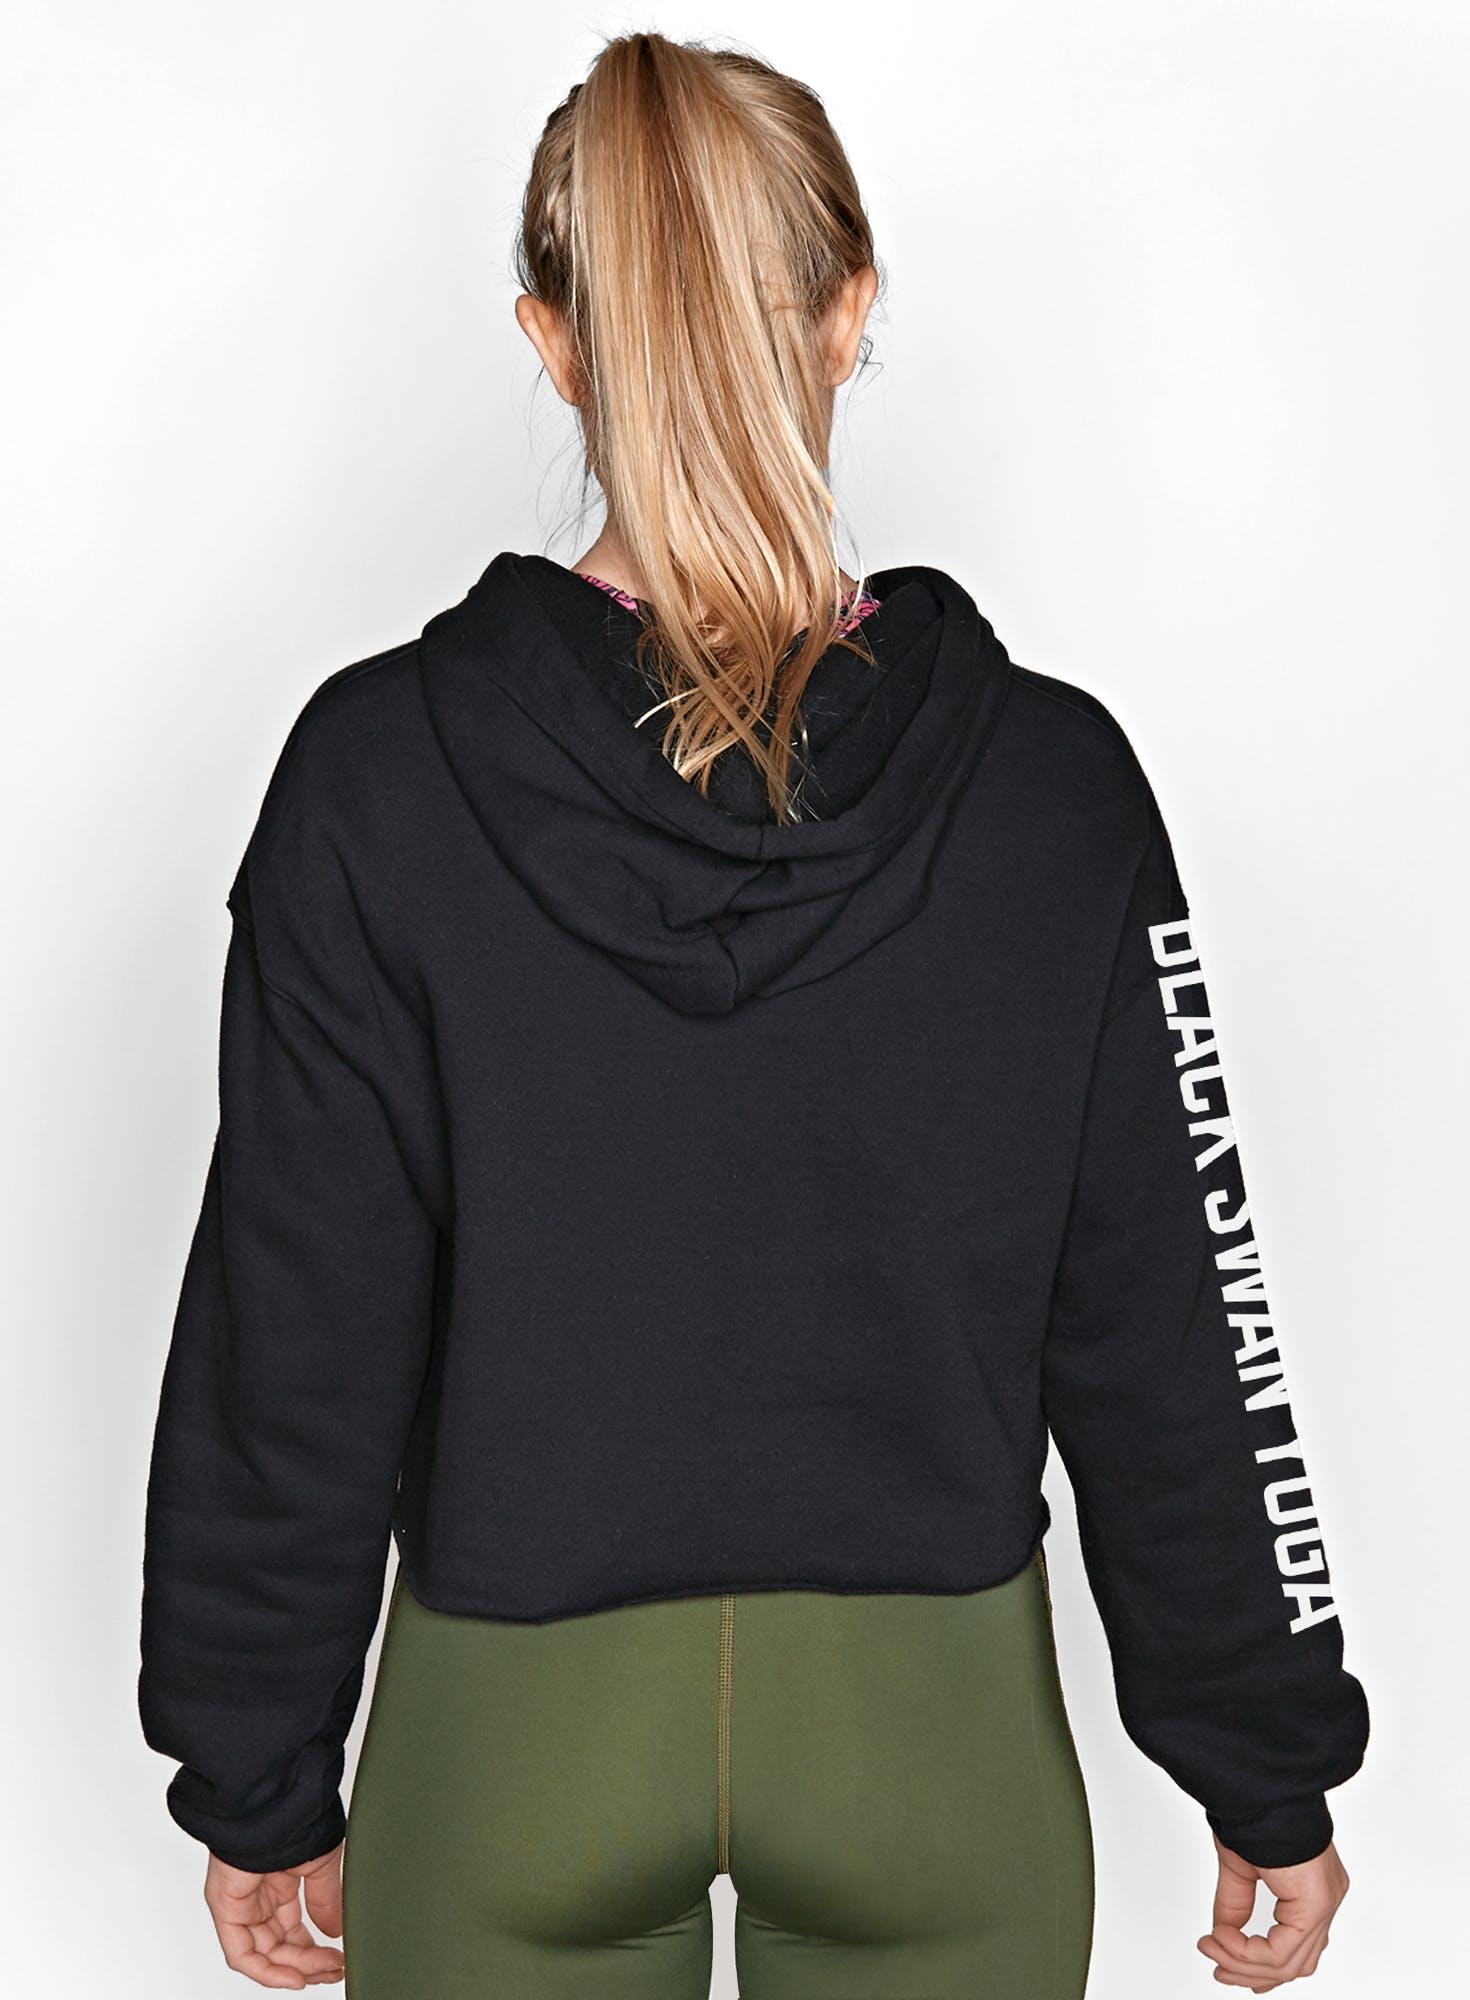 BSY Linear Cropped Hoodie Bonus Image